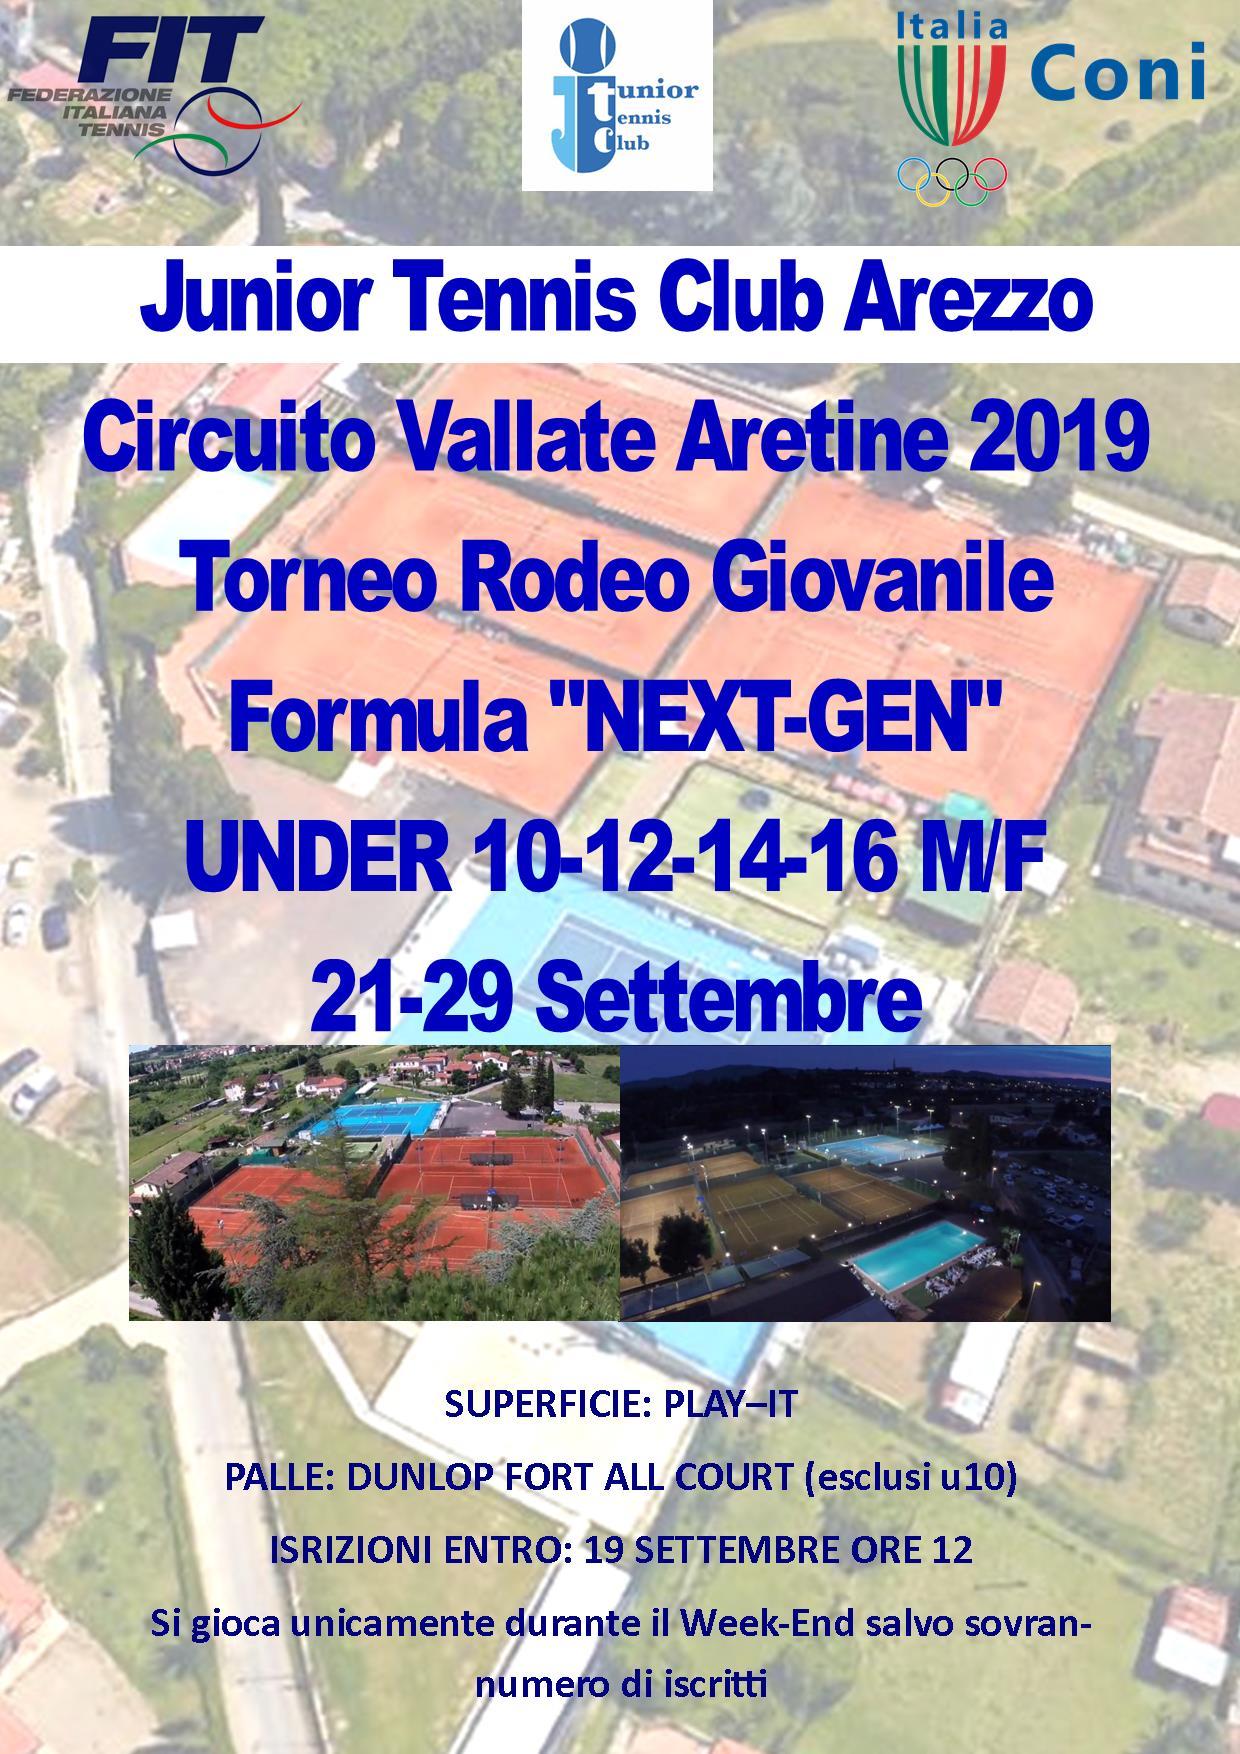 Fit Calendario Tornei.Fit Arezzo Circuito Vallate Aretine